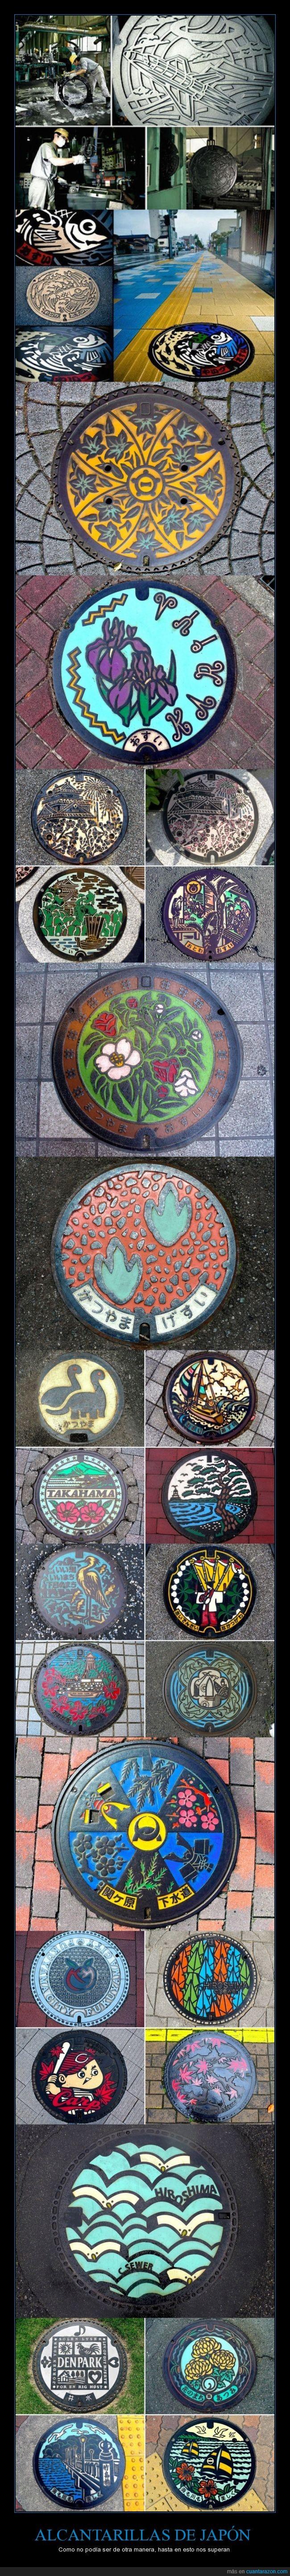 alcantarilla,arte,barco,color,fuji,metal,monte,motivo,region,sewer,tapa,zona